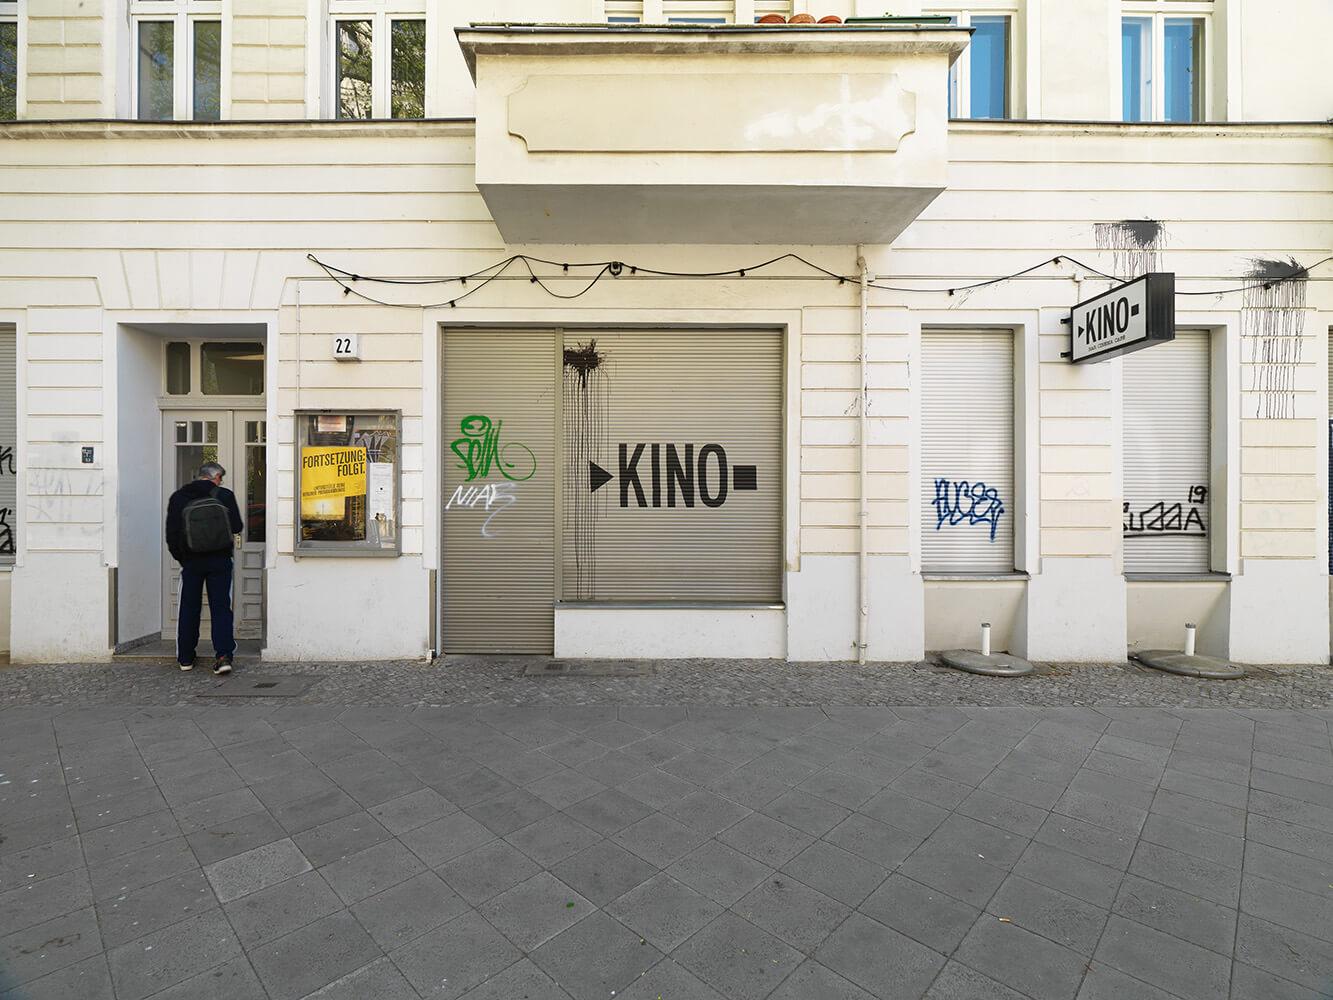 Das Bild zeigt eine Fotografie des Künstlers Richard Thieler des Kinos IL KINO in Berlin.